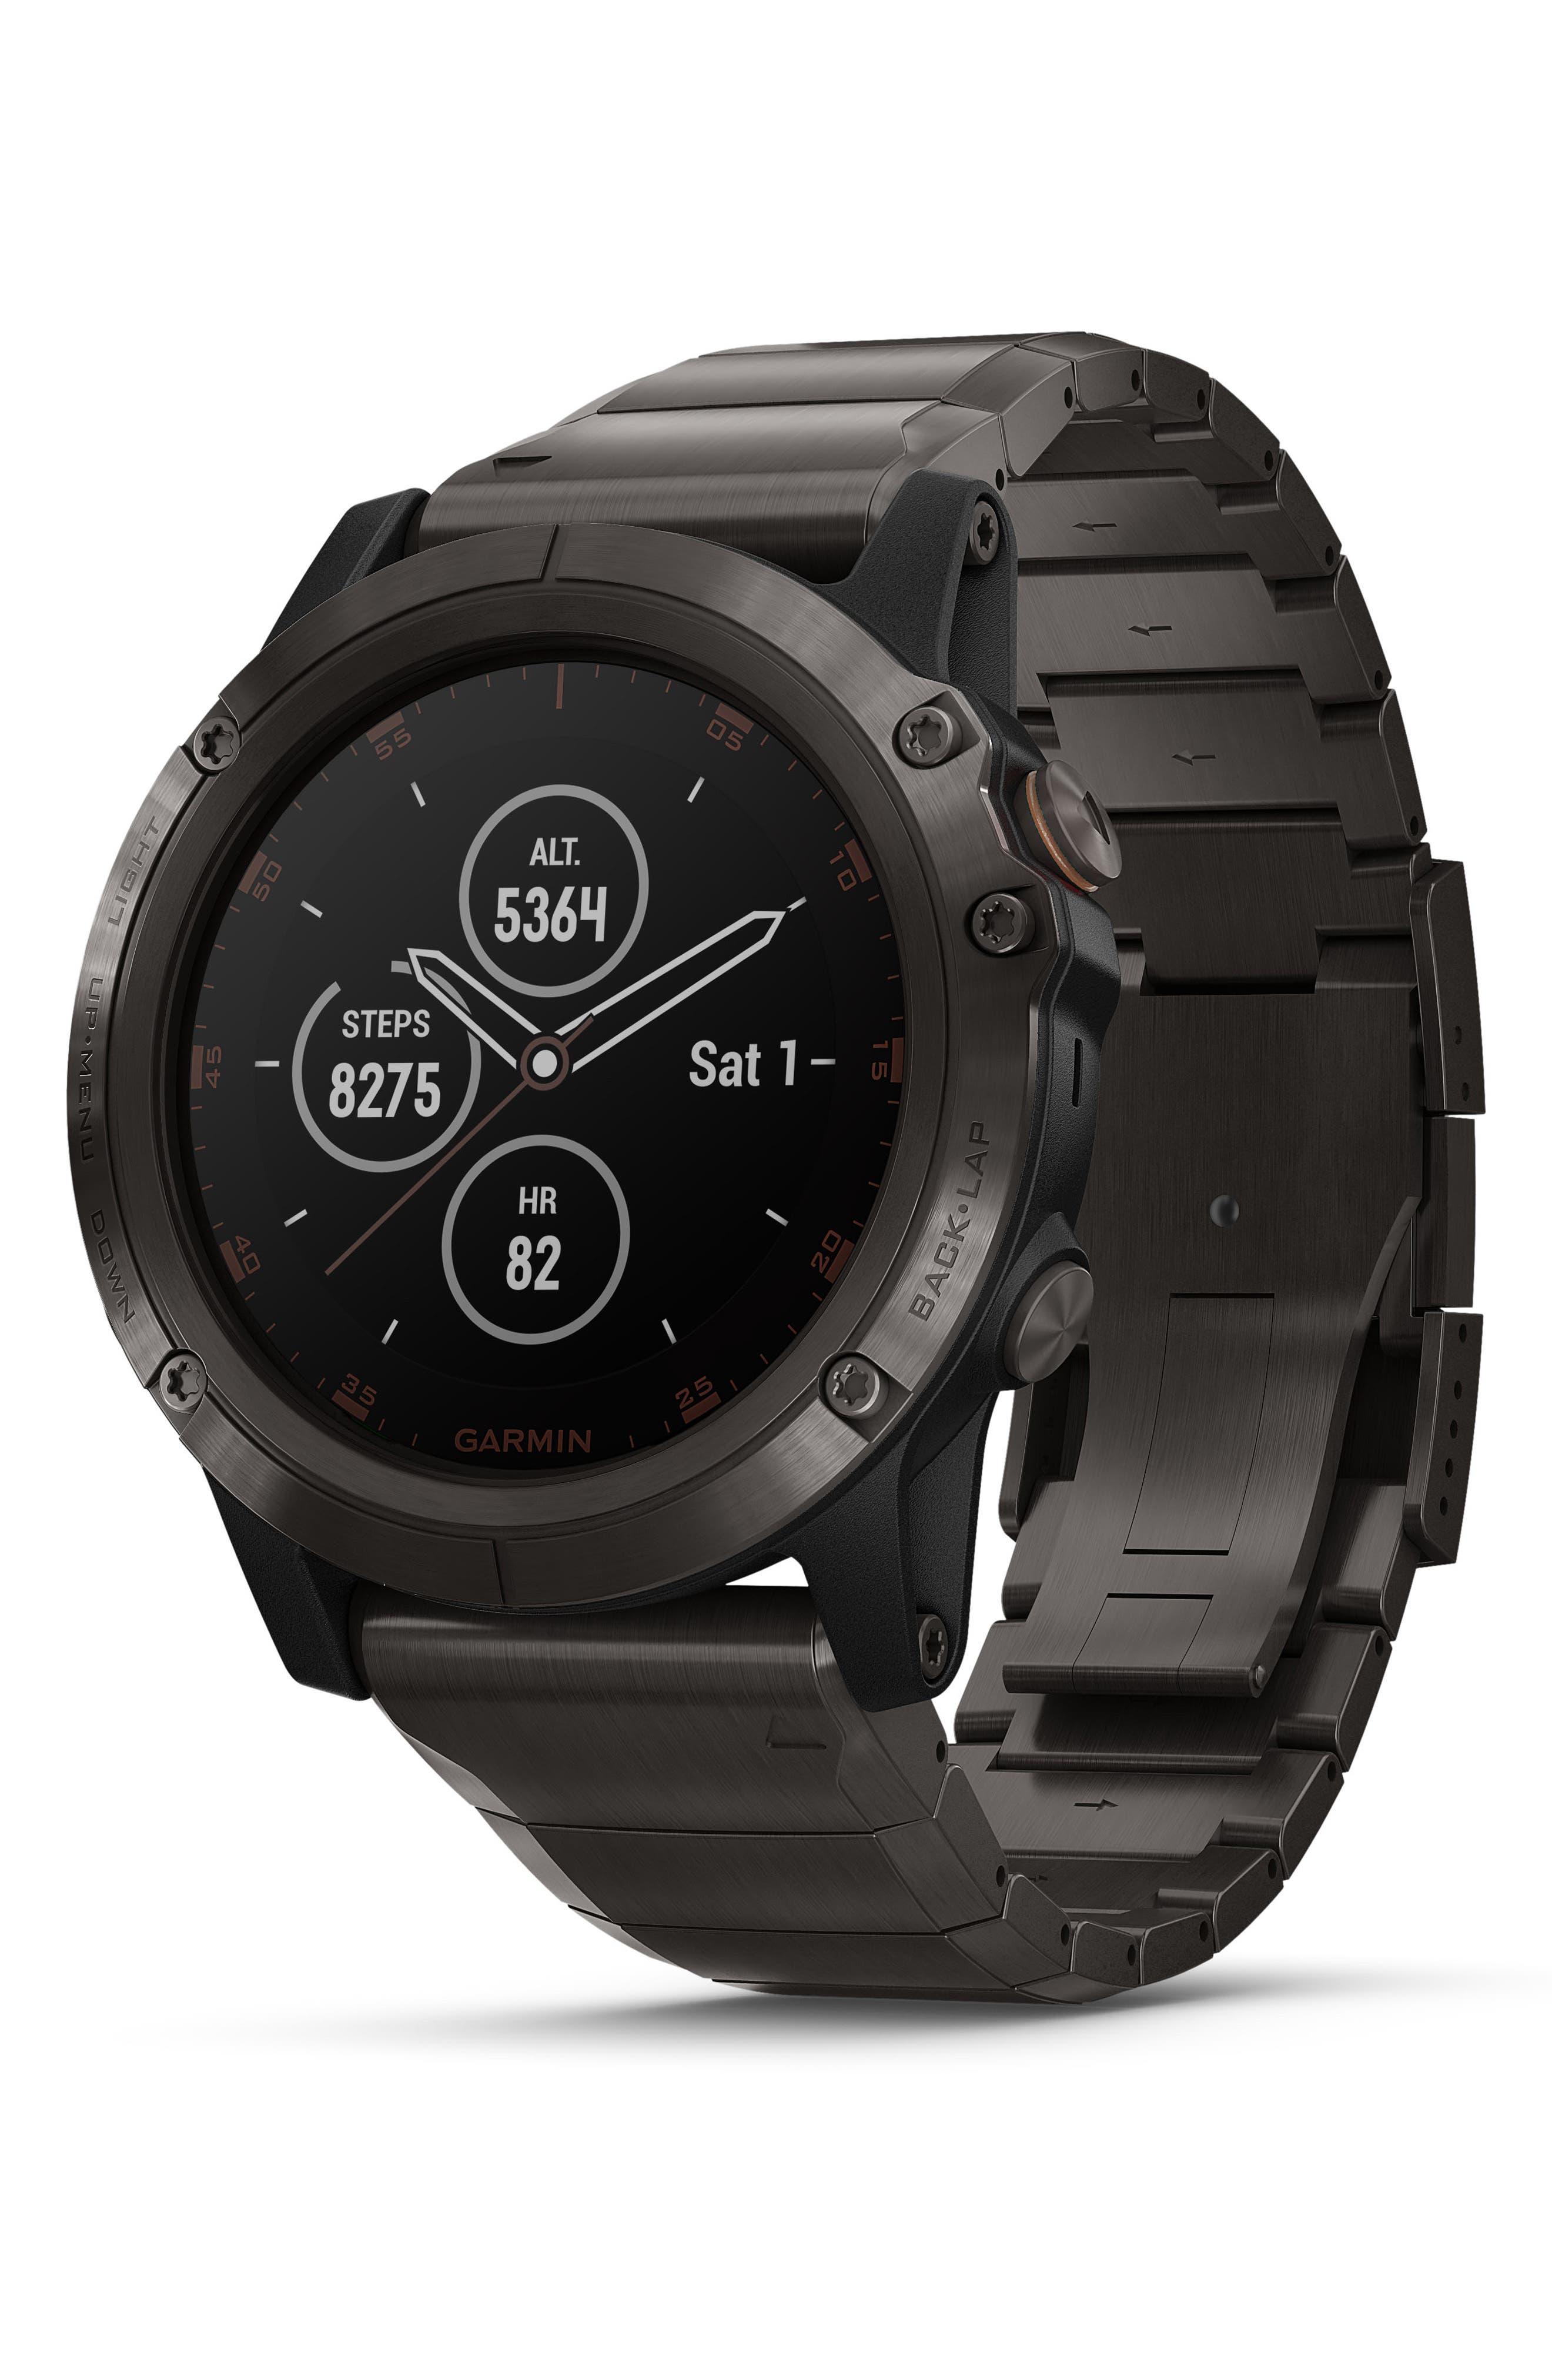 GARMIN fenix<sup>®</sup> 5X Plus Sapphire Premium Multisport GPS Watch, 51mm, Main, color, CARBON GRAY